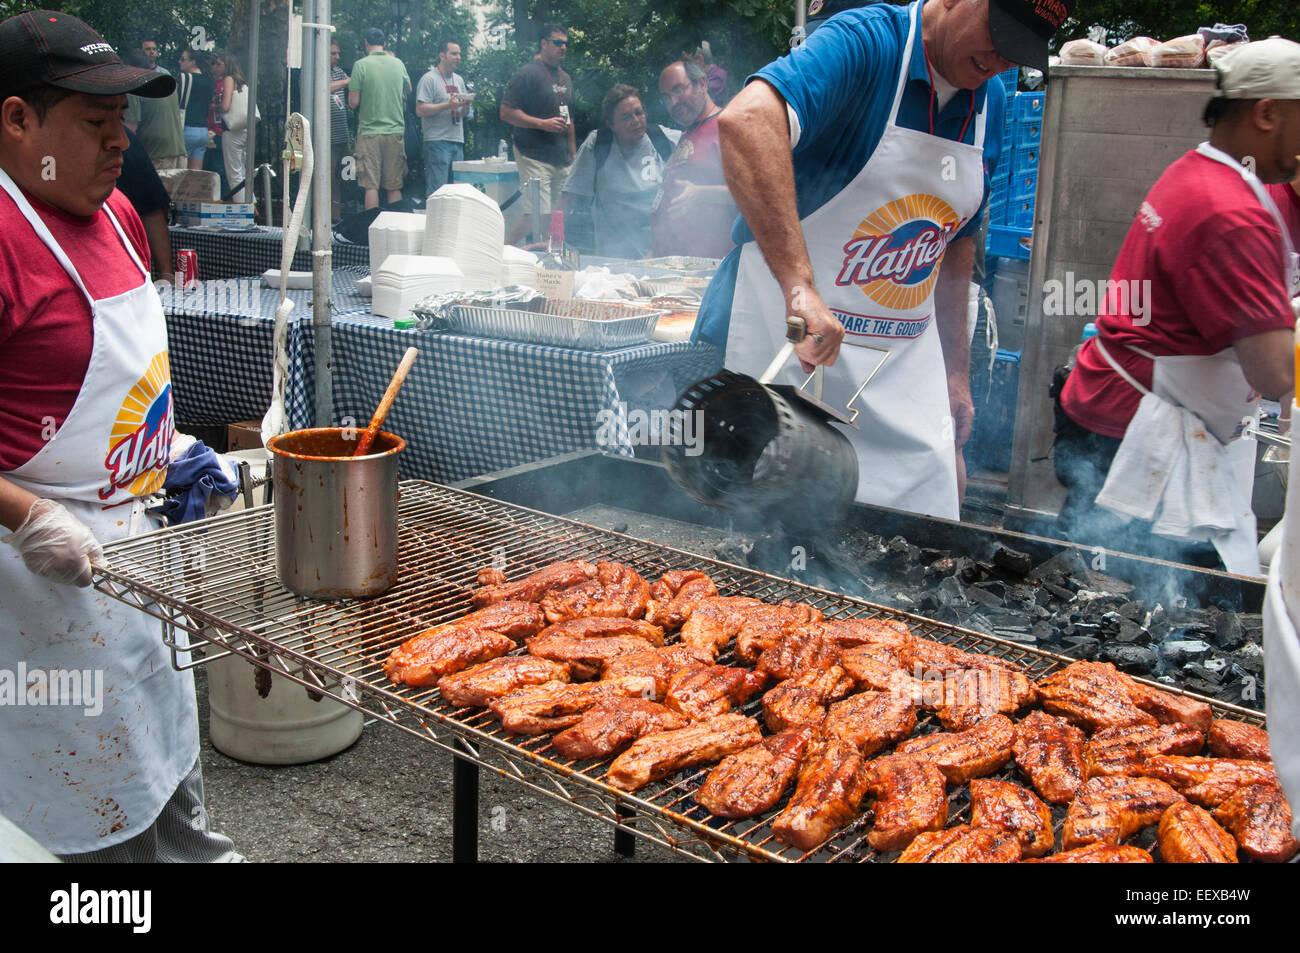 Une fosse patron en remuant de charbon de bois à New York city's Big Apple BBQ. Photo Stock